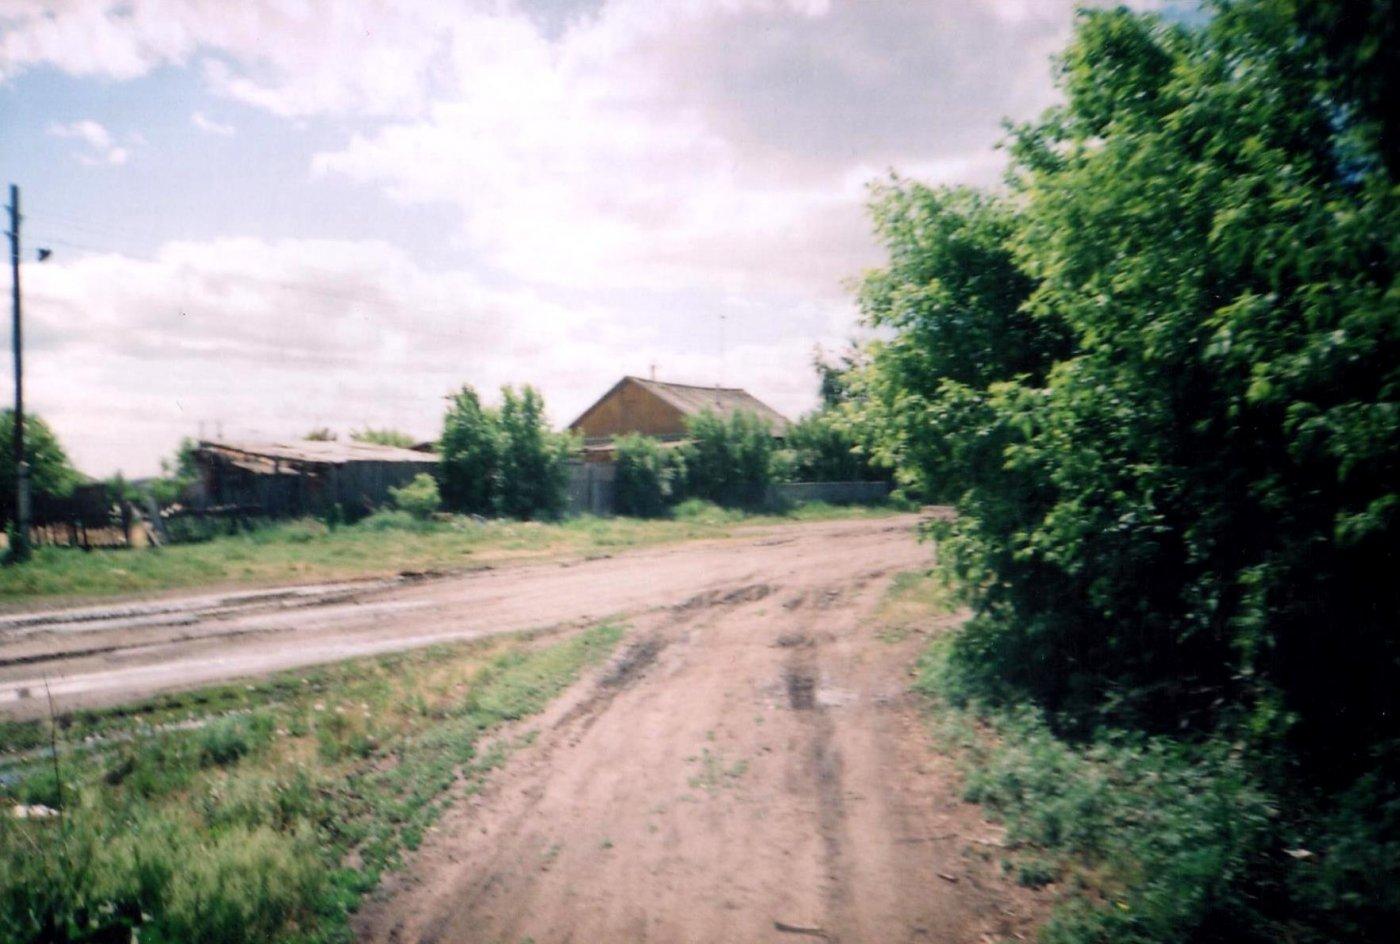 Фото курдай 034.jpg. Казахстан, Северо-Казахстанская область, A-16